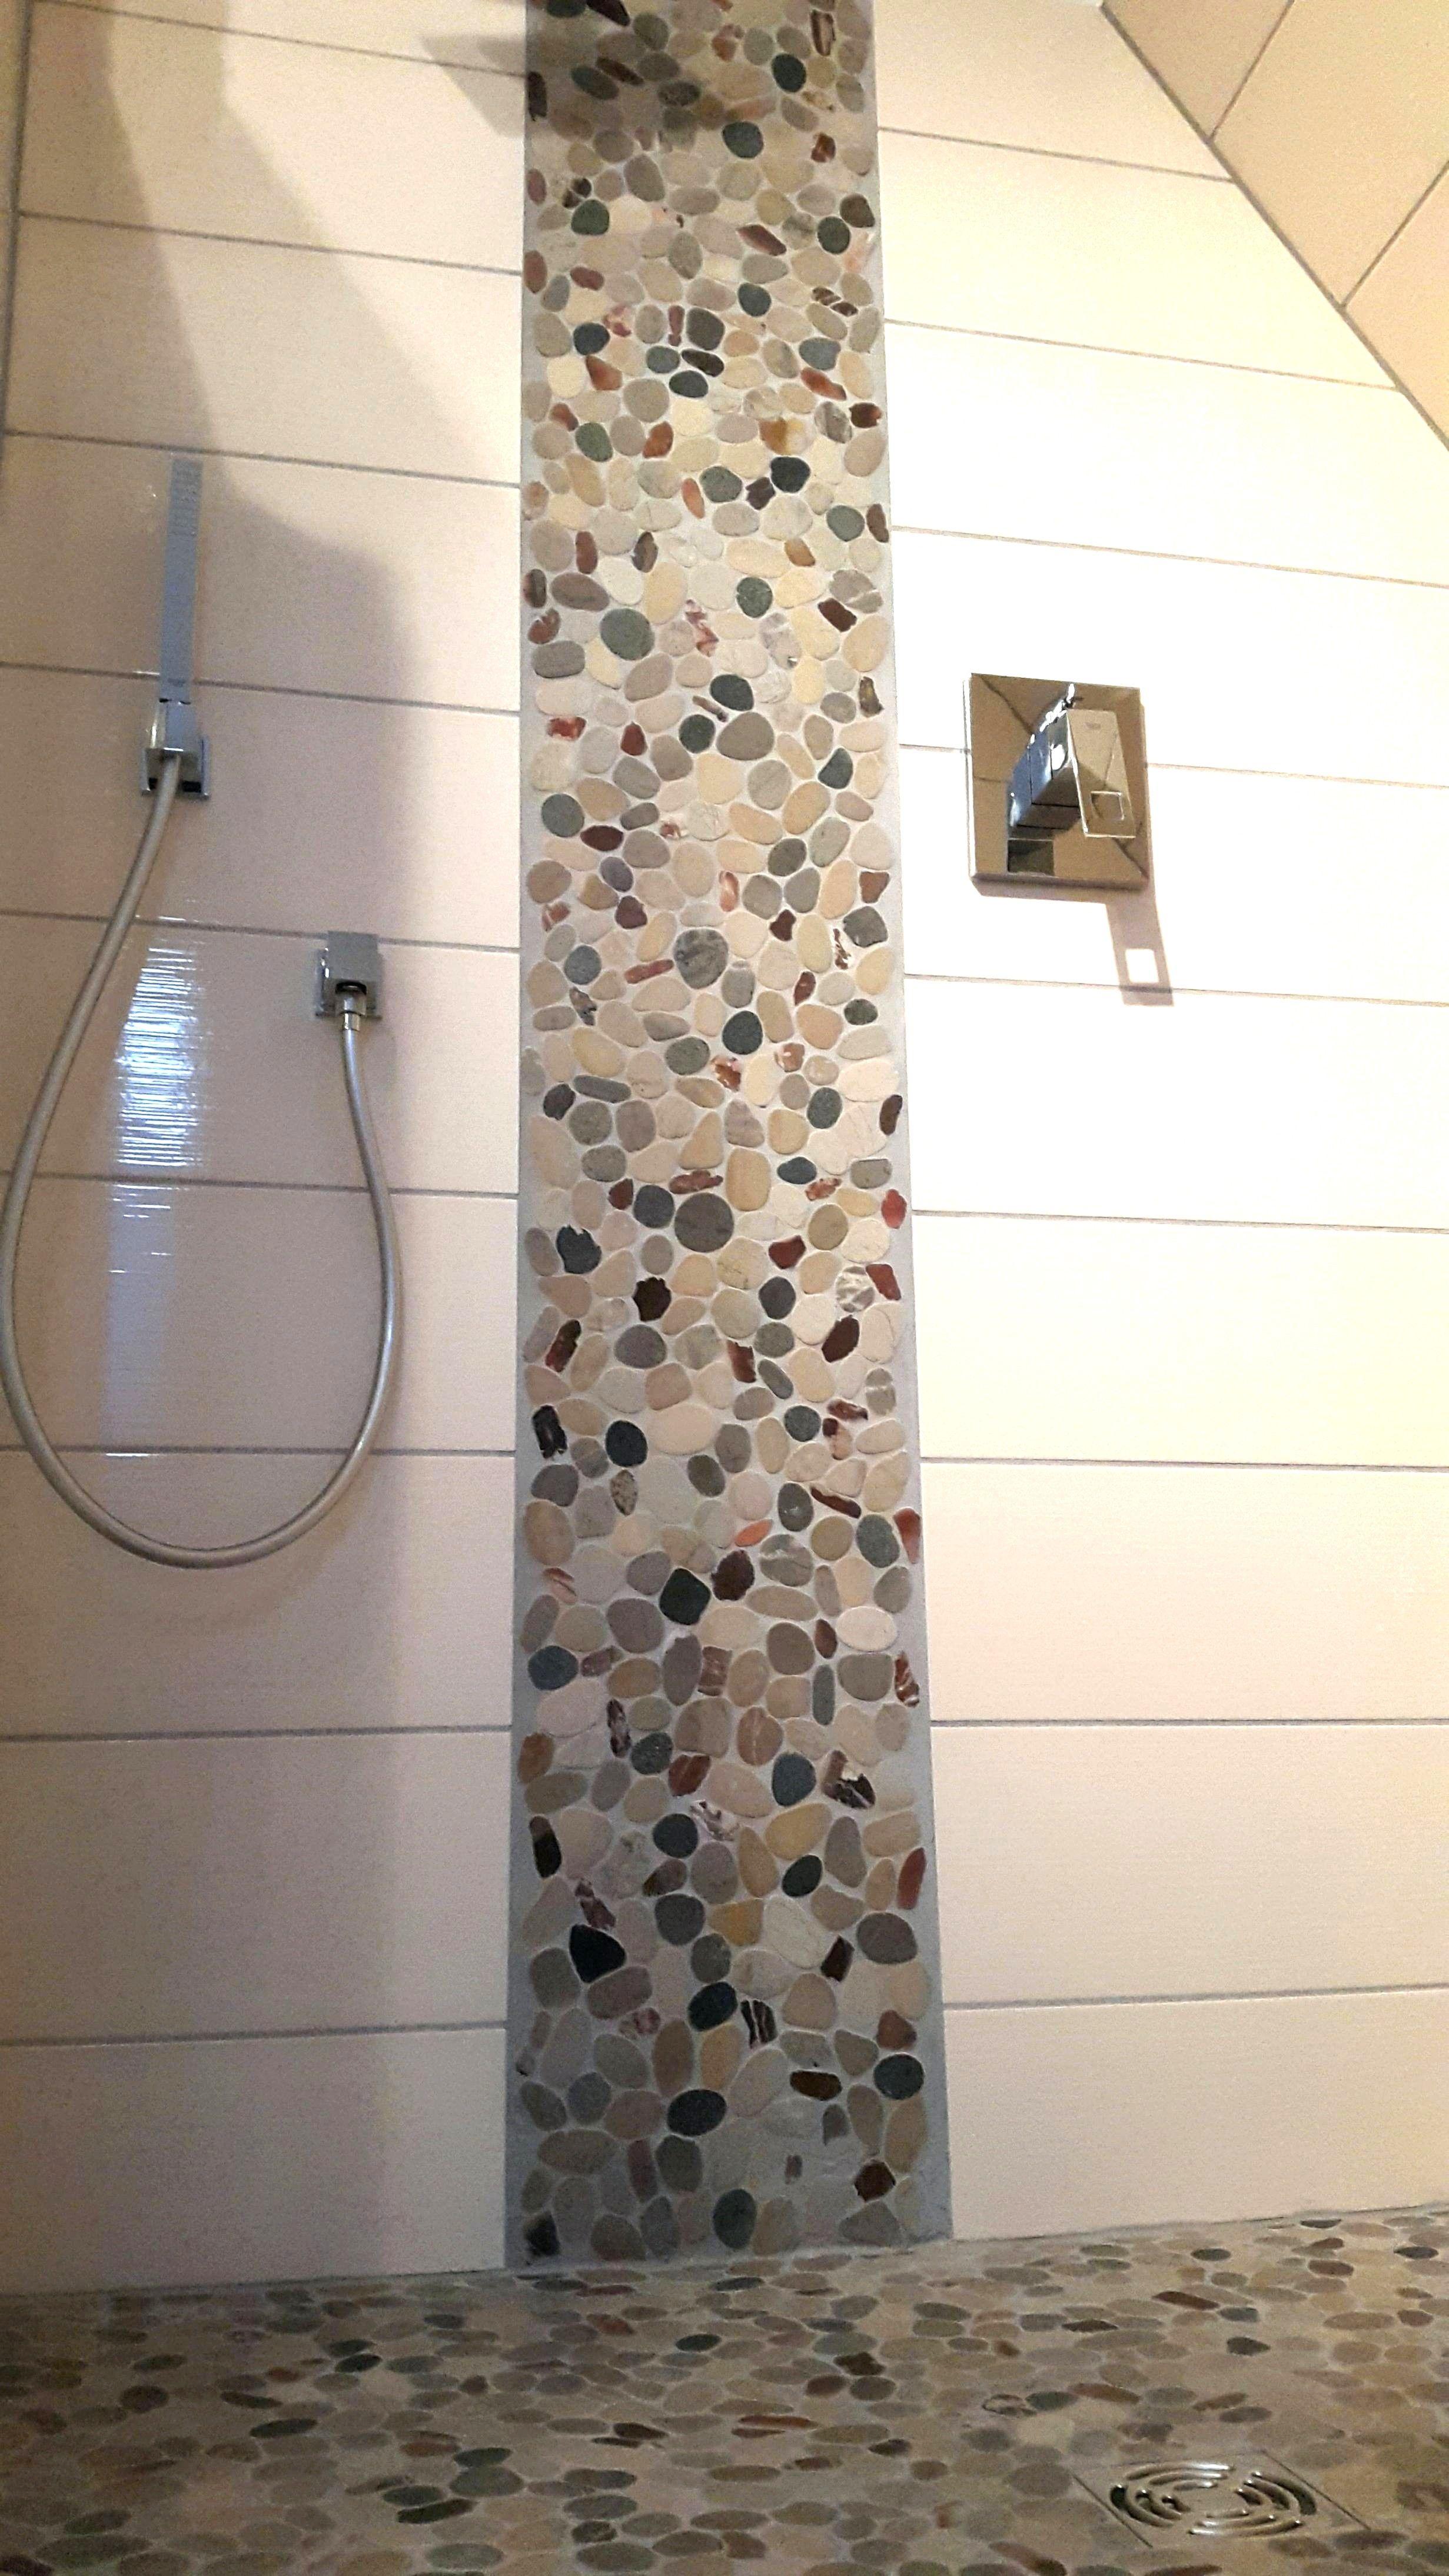 Mosaik Fliesen Dusche Rutschfest Dusche Fliesen Mosaik Fliesen Dusche Bad Mosaik